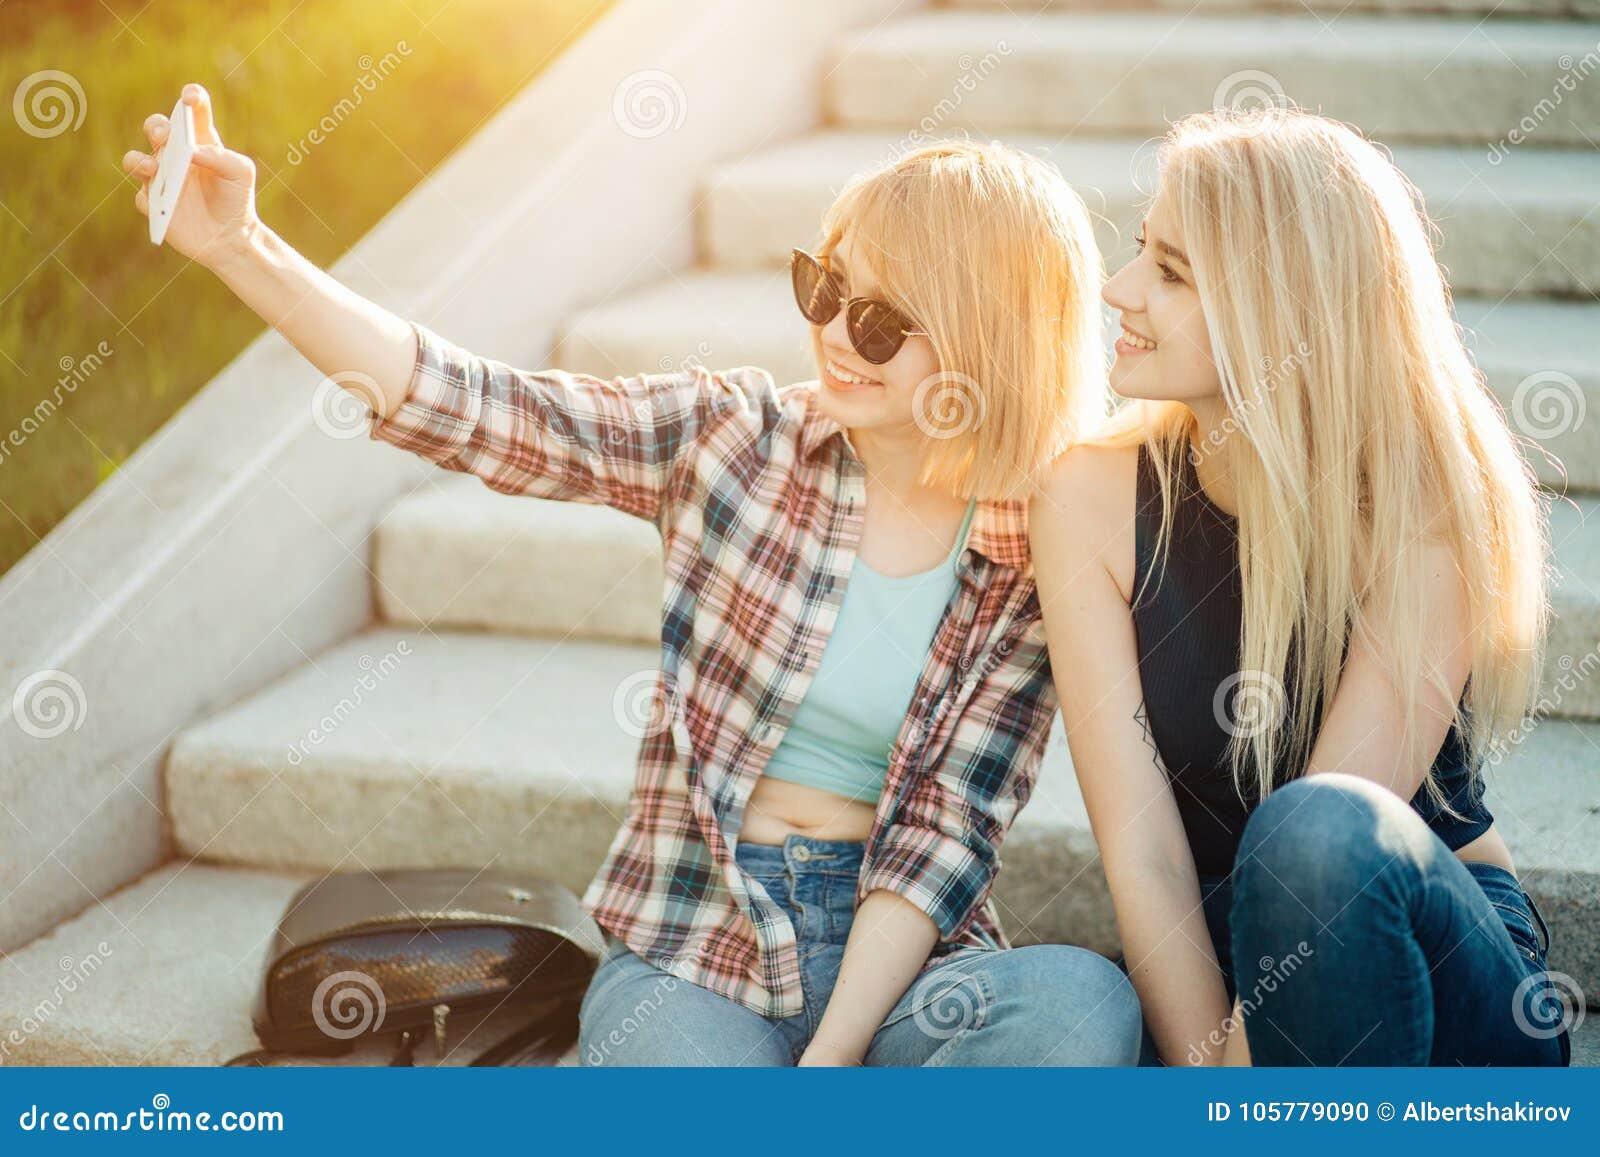 Lato plenerowy portret trzy przyjaciel zabawy dziewczyny bierze fotografie z smartphone